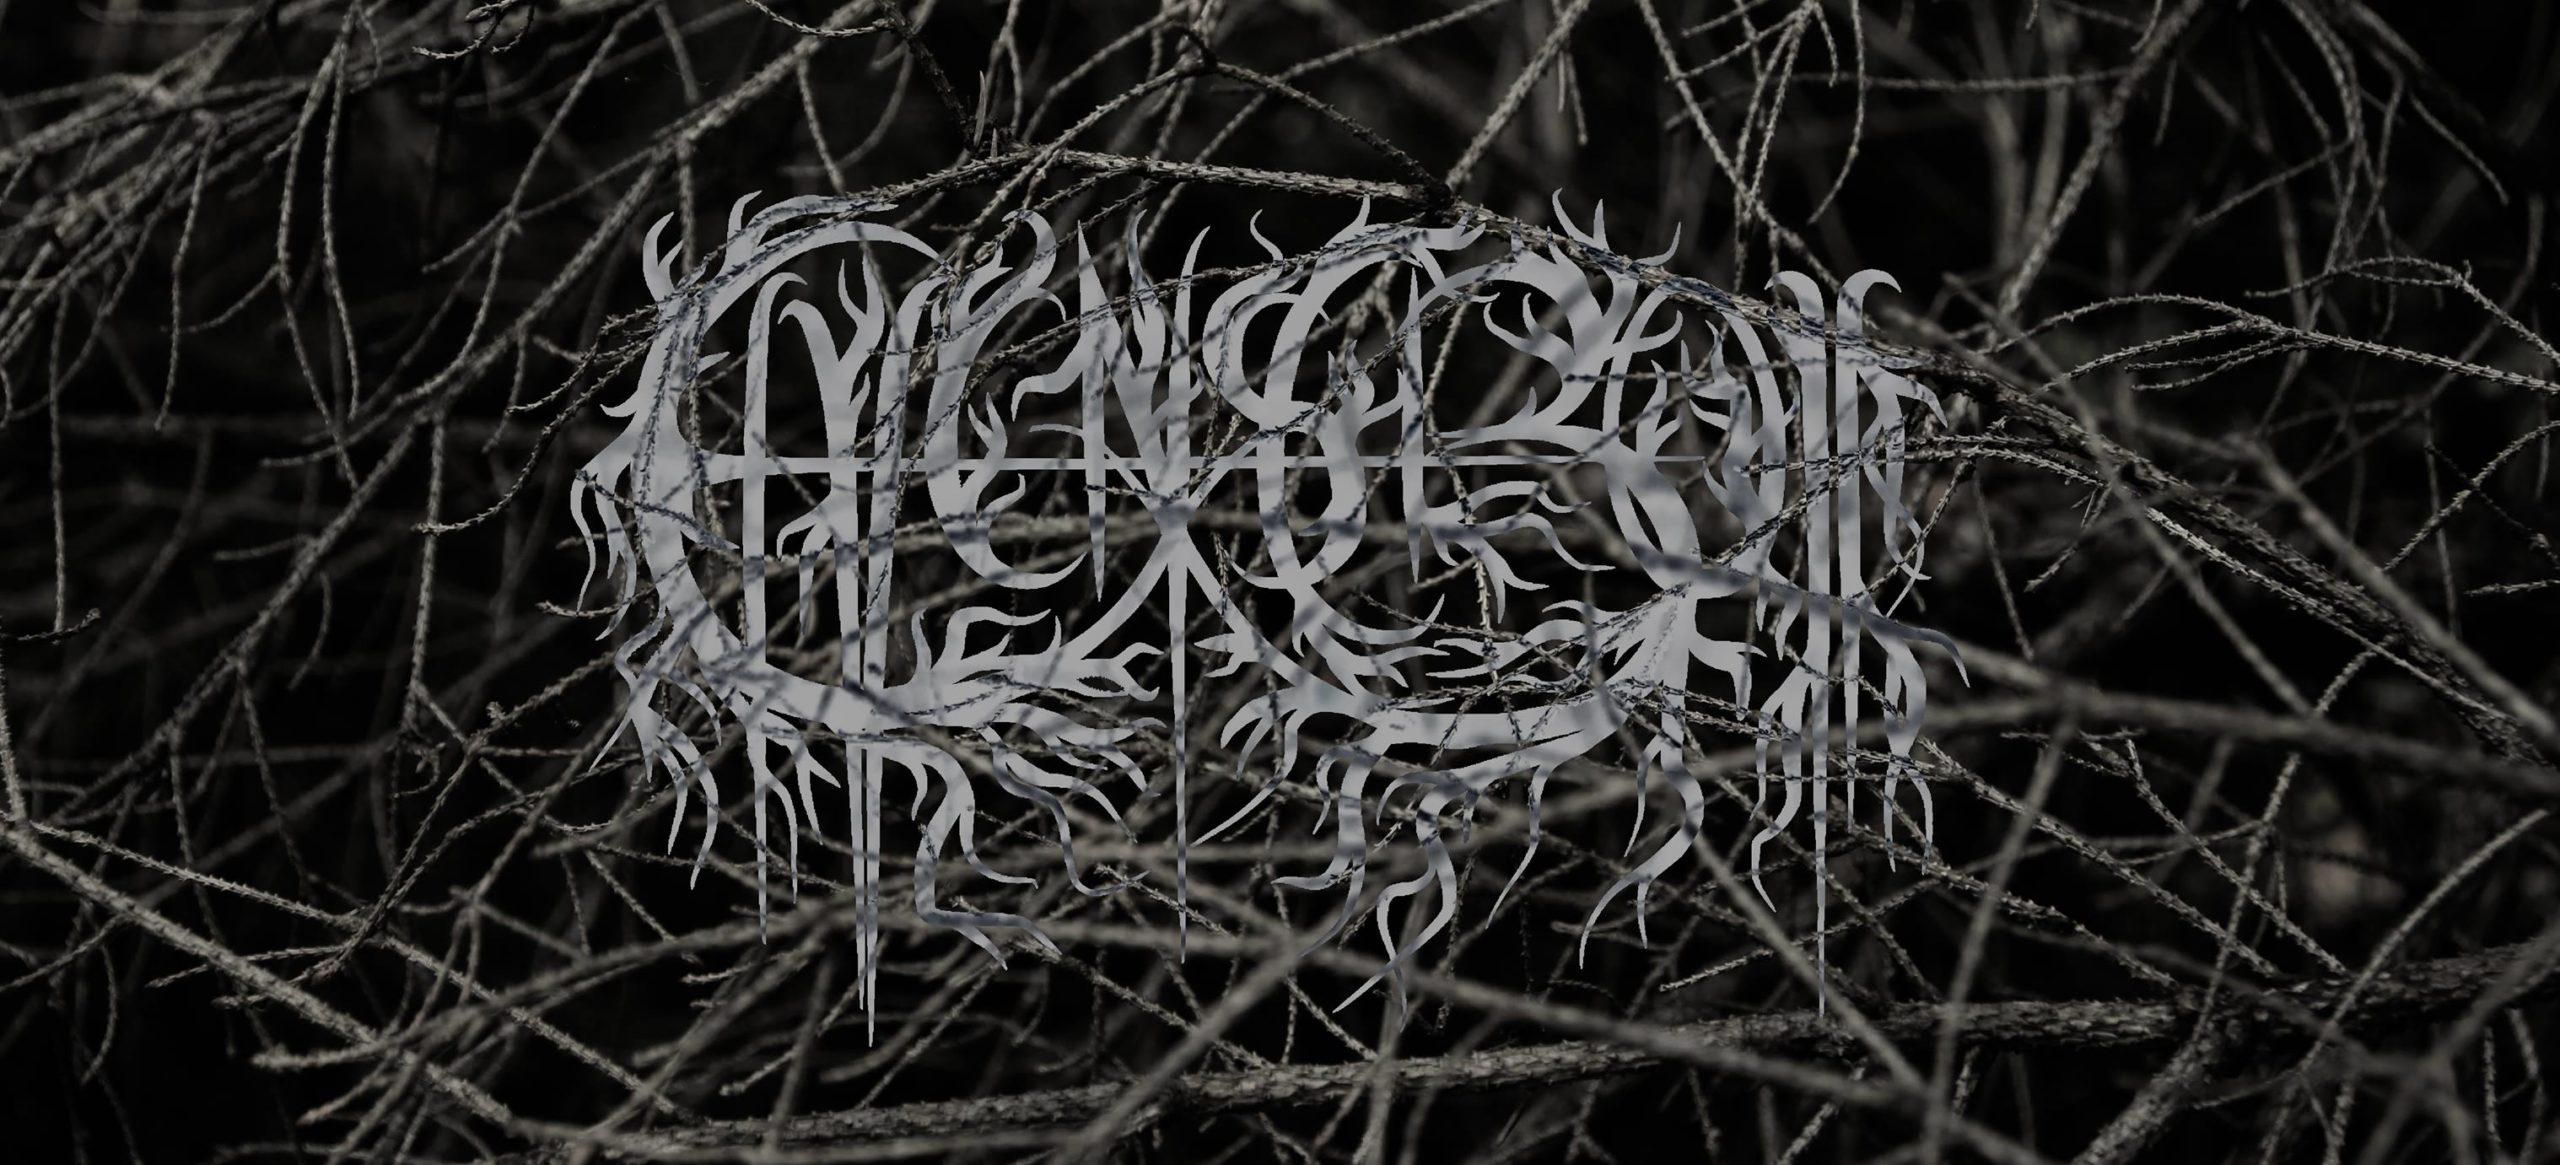 Elvenscroll logo